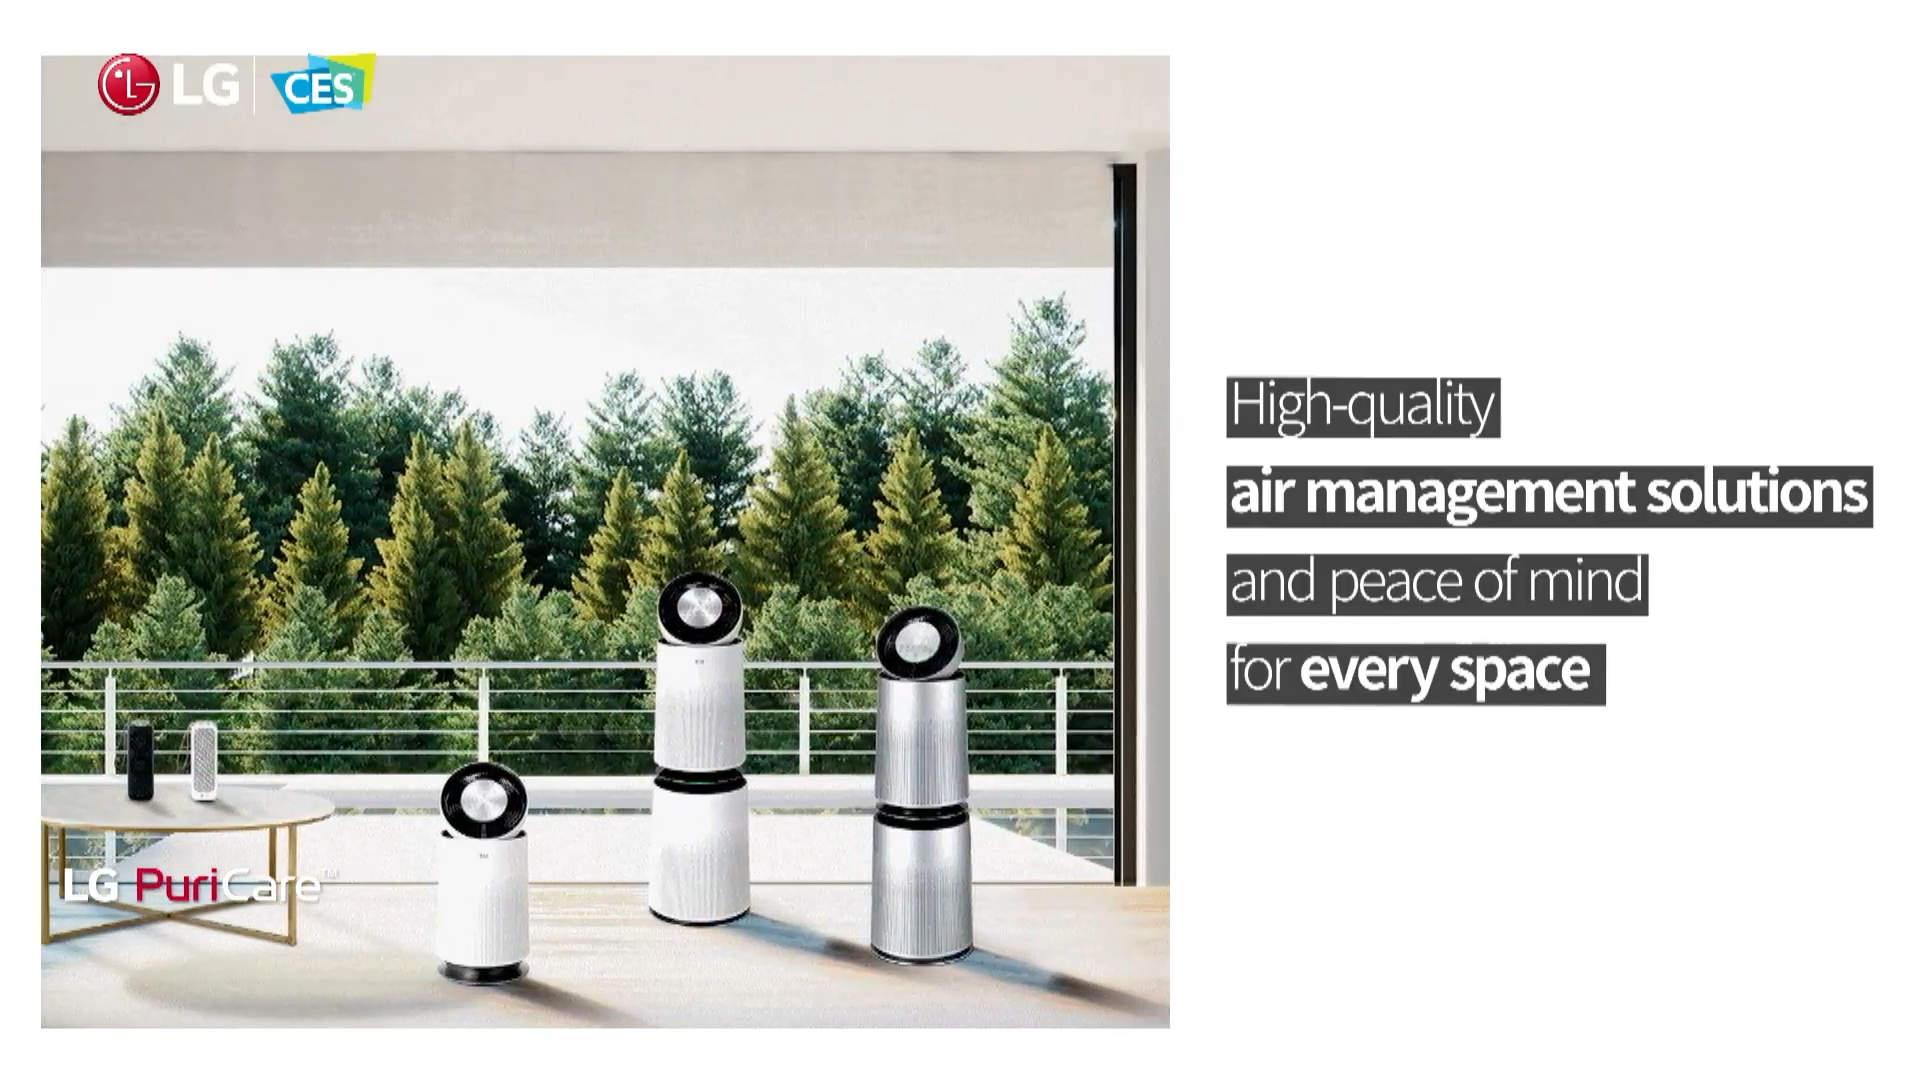 Ein Top-Thema am CES-Montag: Luftreiniger, hier von LG.Luftreiniger LG CES